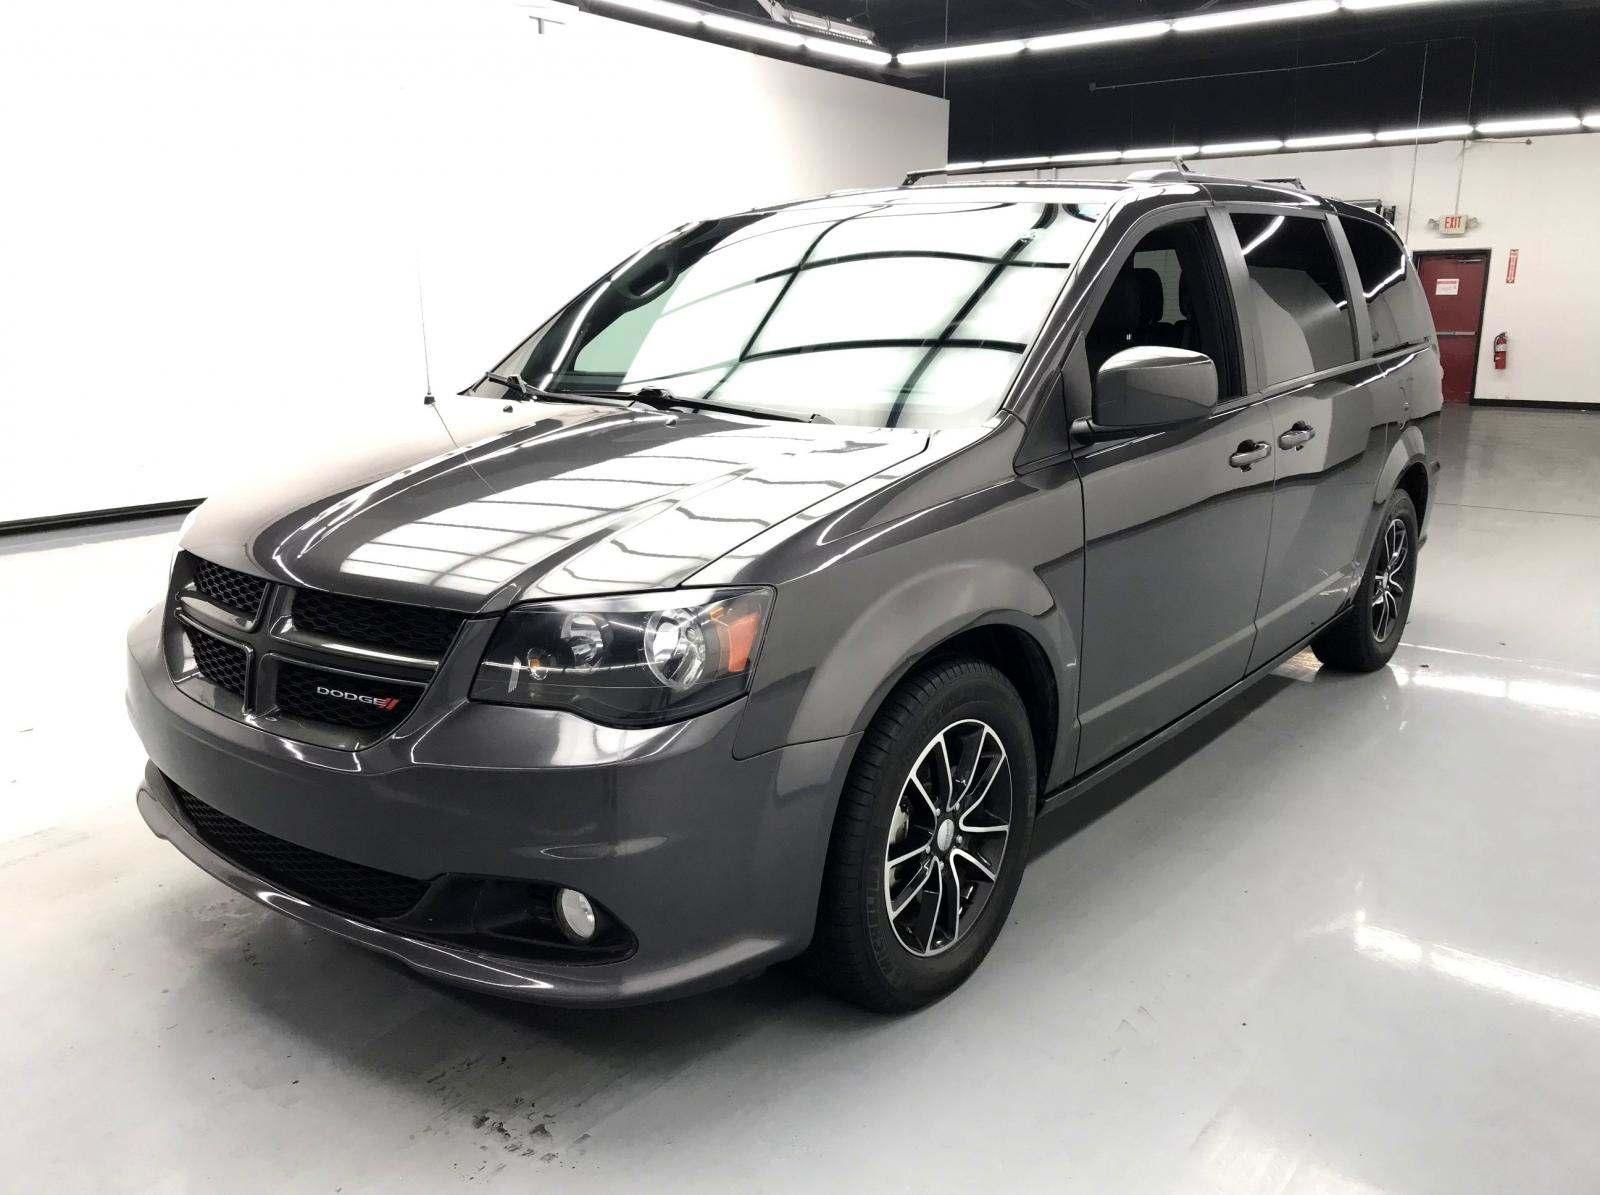 used Dodge Caravan 2018 vin: 2C4RDGEG7JR203159